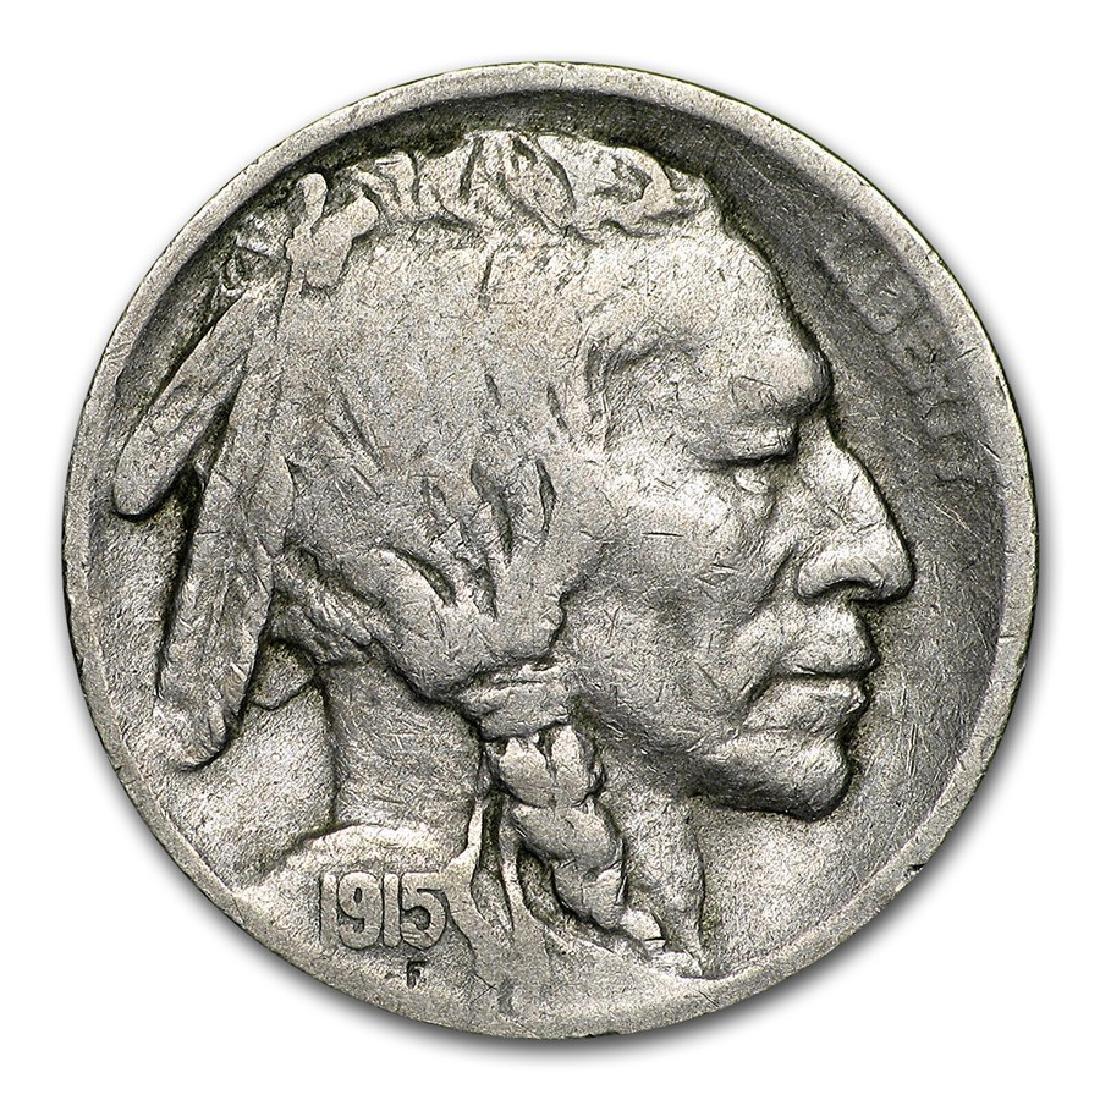 1915-S Buffalo Nickel Coin